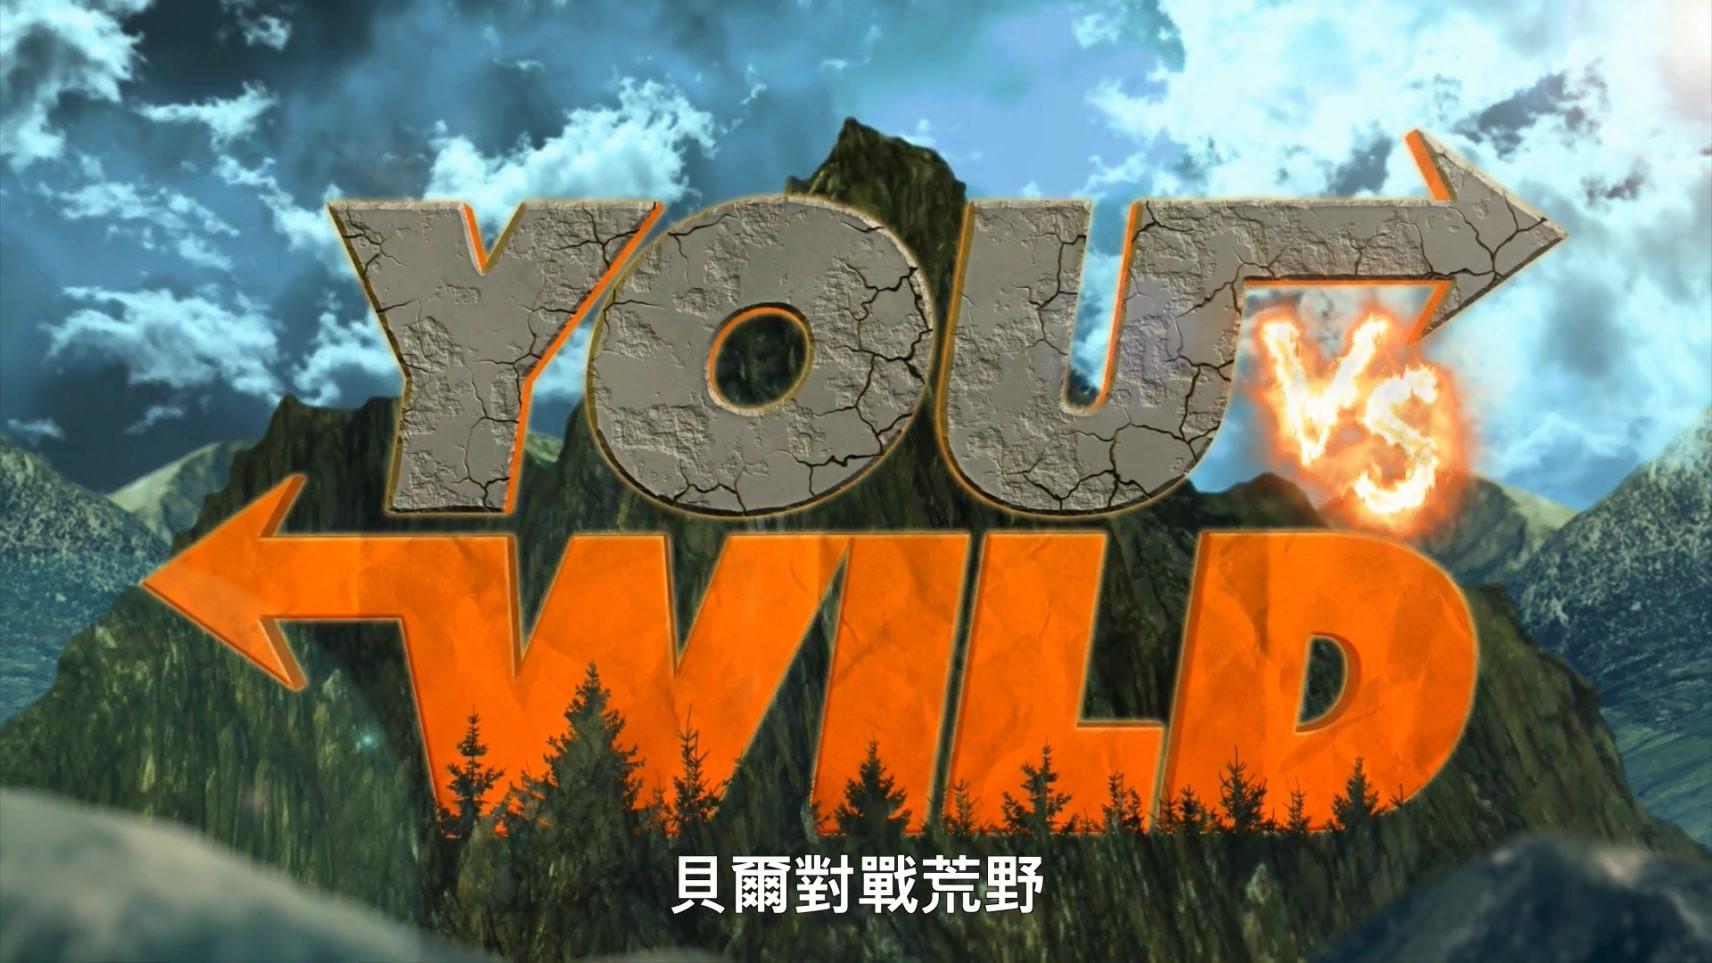 操控贝爷 网飞互动生存秀《贝爷对战荒野》中文预告